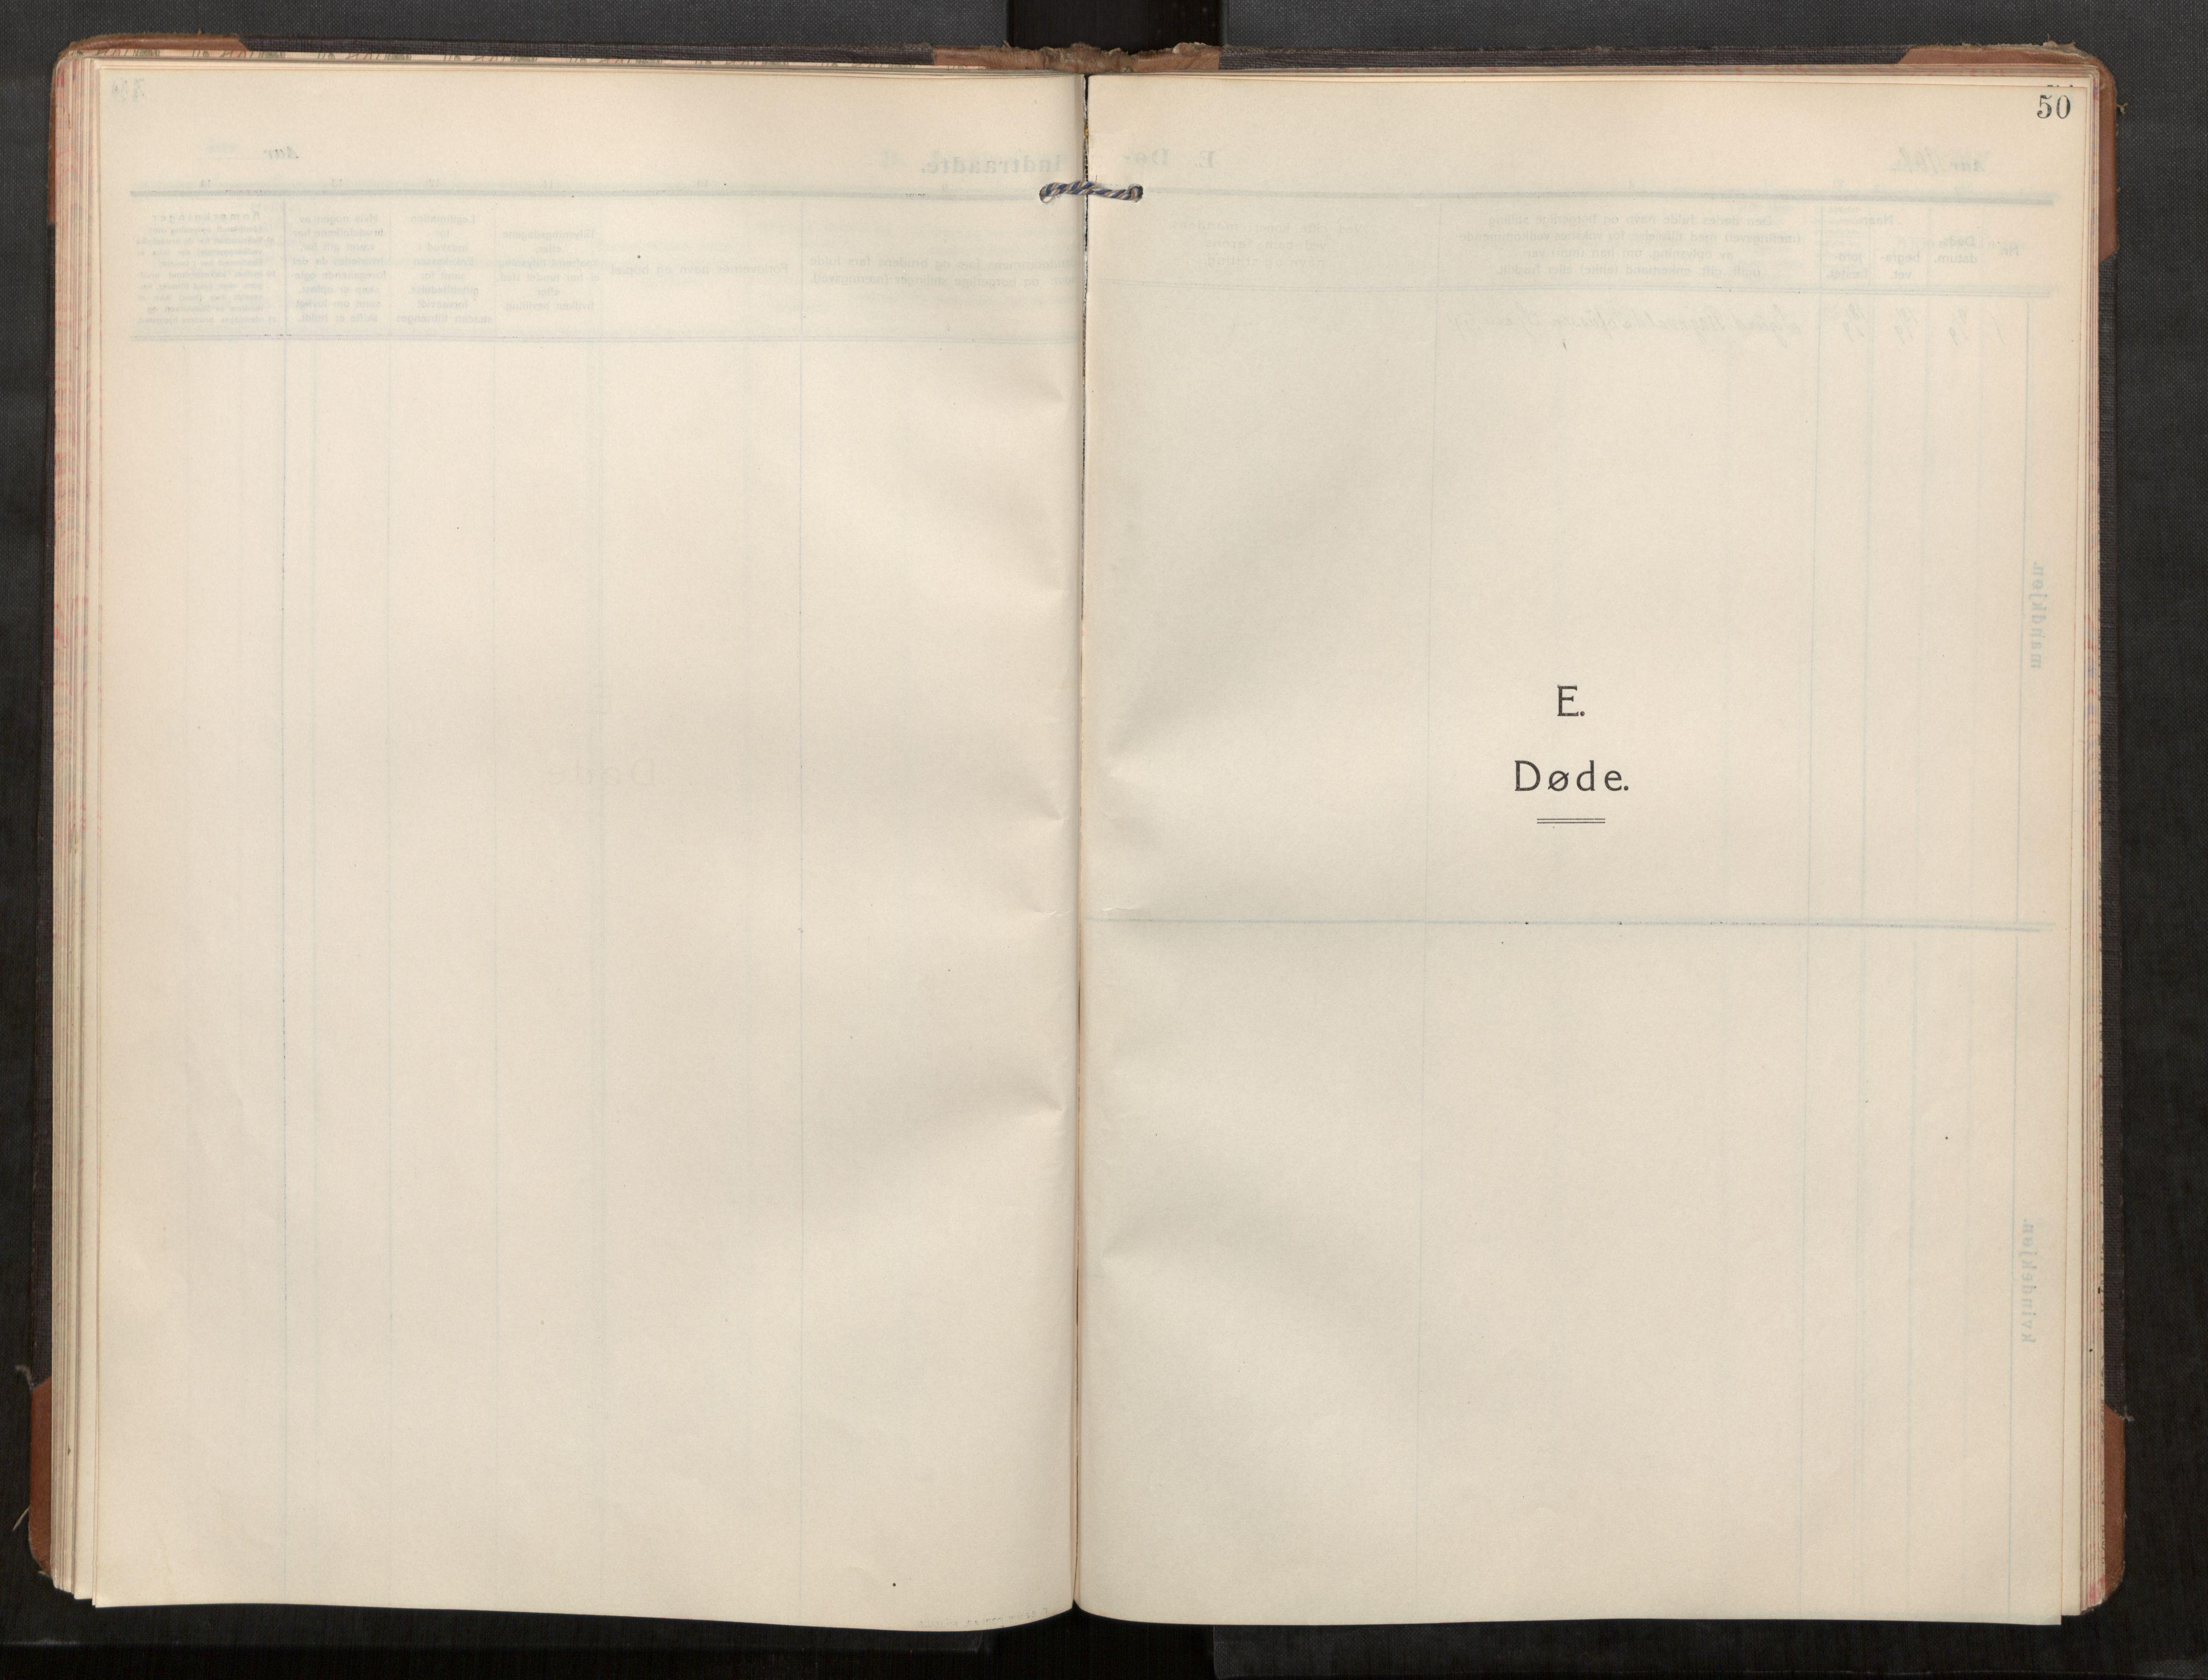 SAT, Stod sokneprestkontor, I/I1/I1a/L0003: Ministerialbok nr. 3, 1909-1934, s. 49